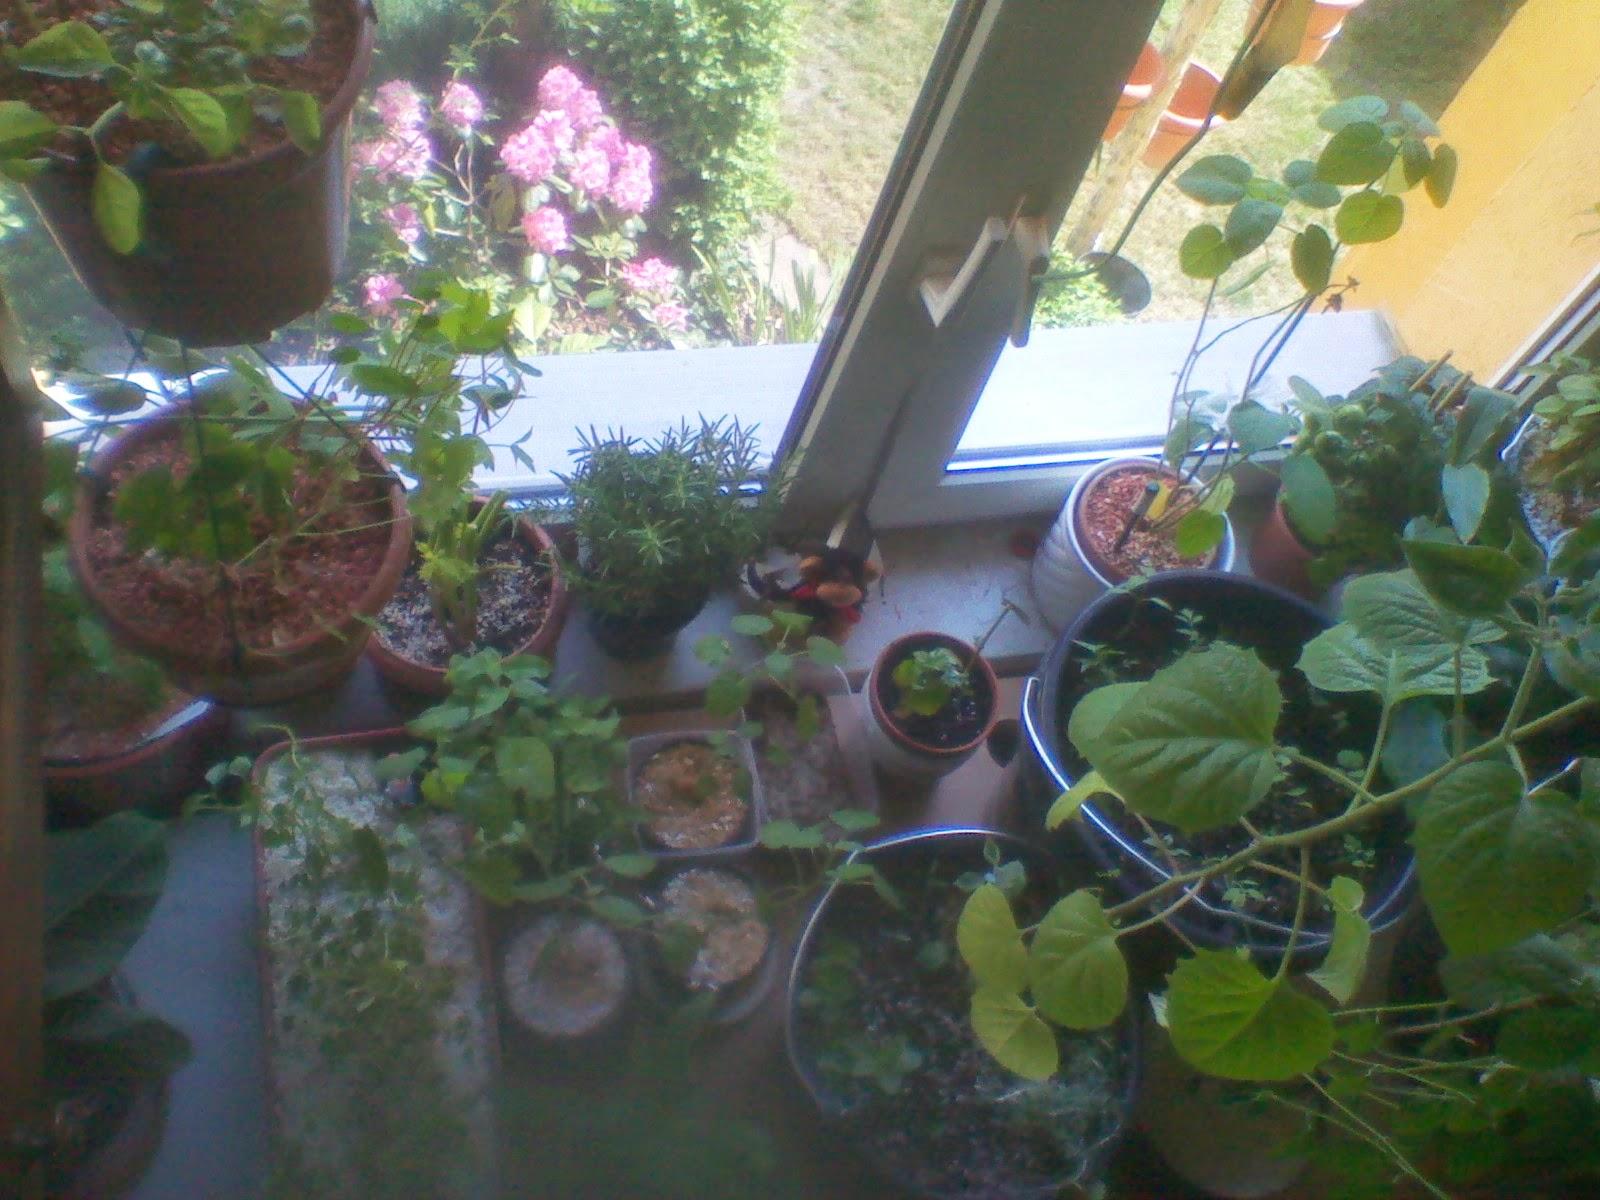 selbstversorgung exotische einheimische pflanzen im zimmer und garten mai 2014. Black Bedroom Furniture Sets. Home Design Ideas